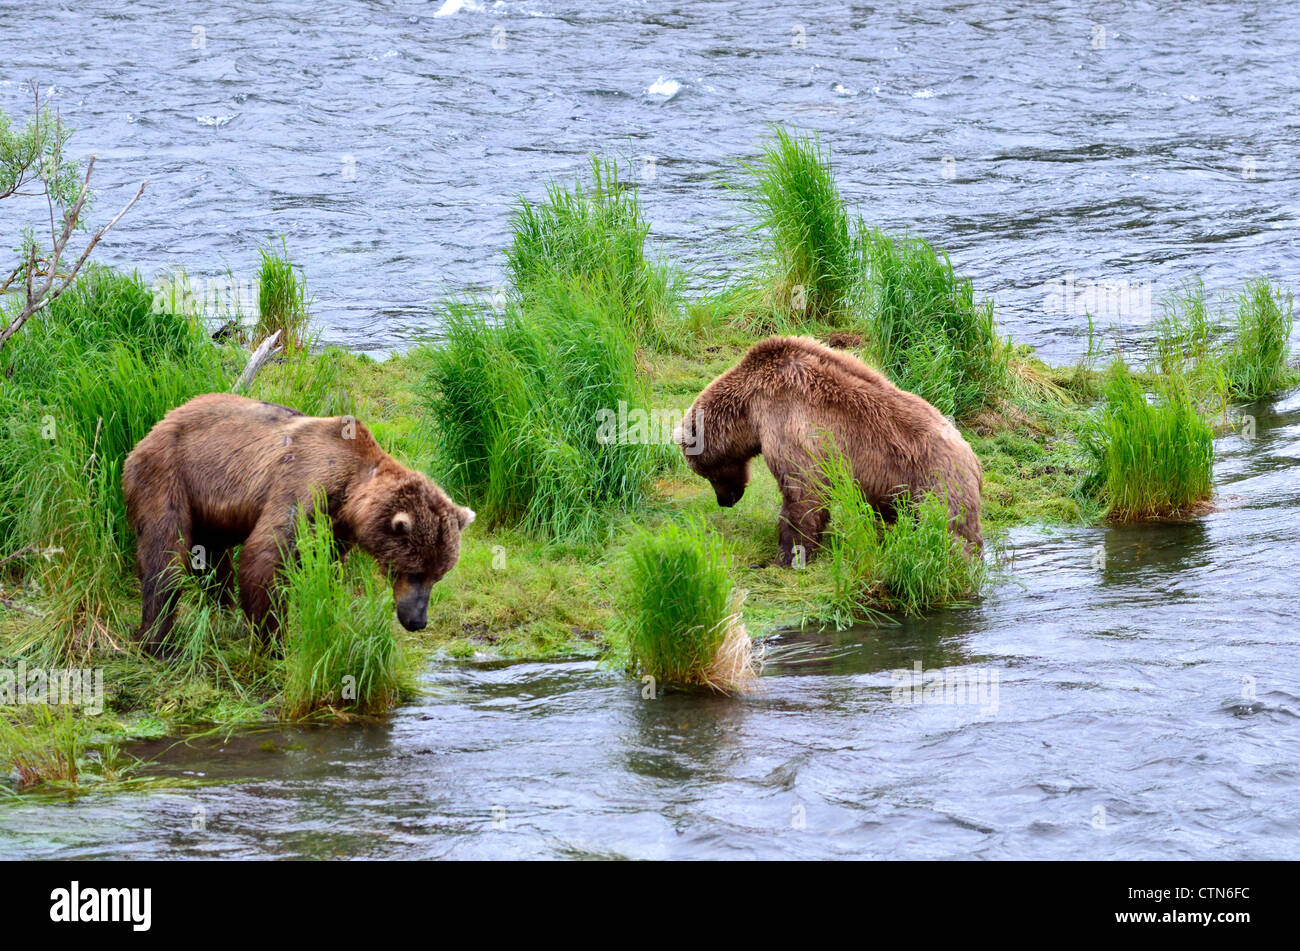 Dos oso pardo se enfrenten en la Quebrada del Río. Parque Nacional Katmai y preservar. Alaska, EE.UU. Imagen De Stock